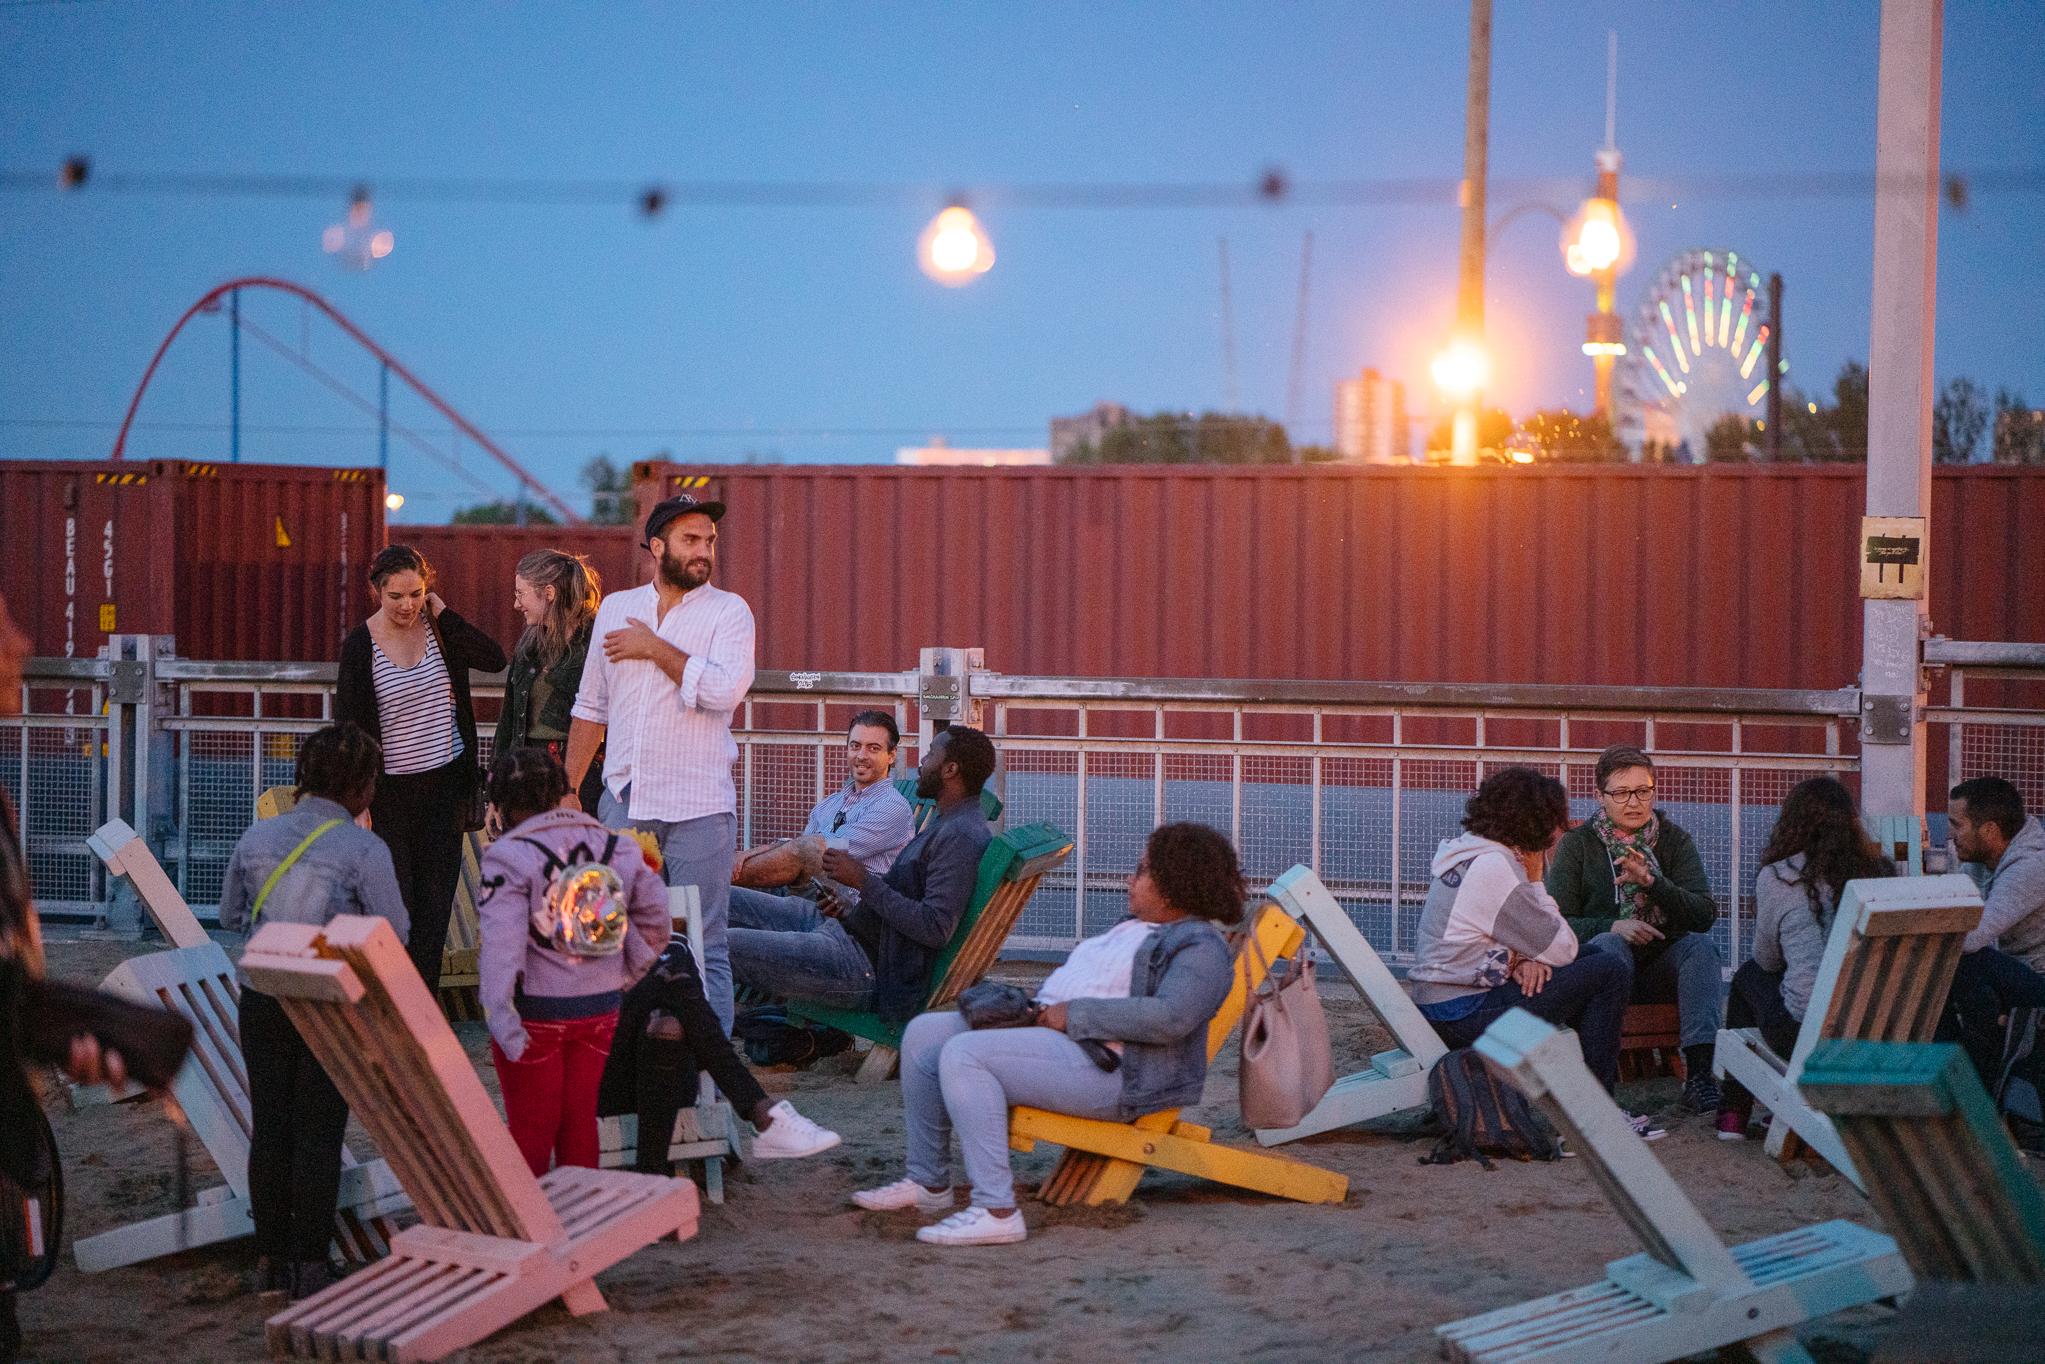 BBQ Oasis + Jeunes Marins urbains - Photos: Cannelle Wiechert